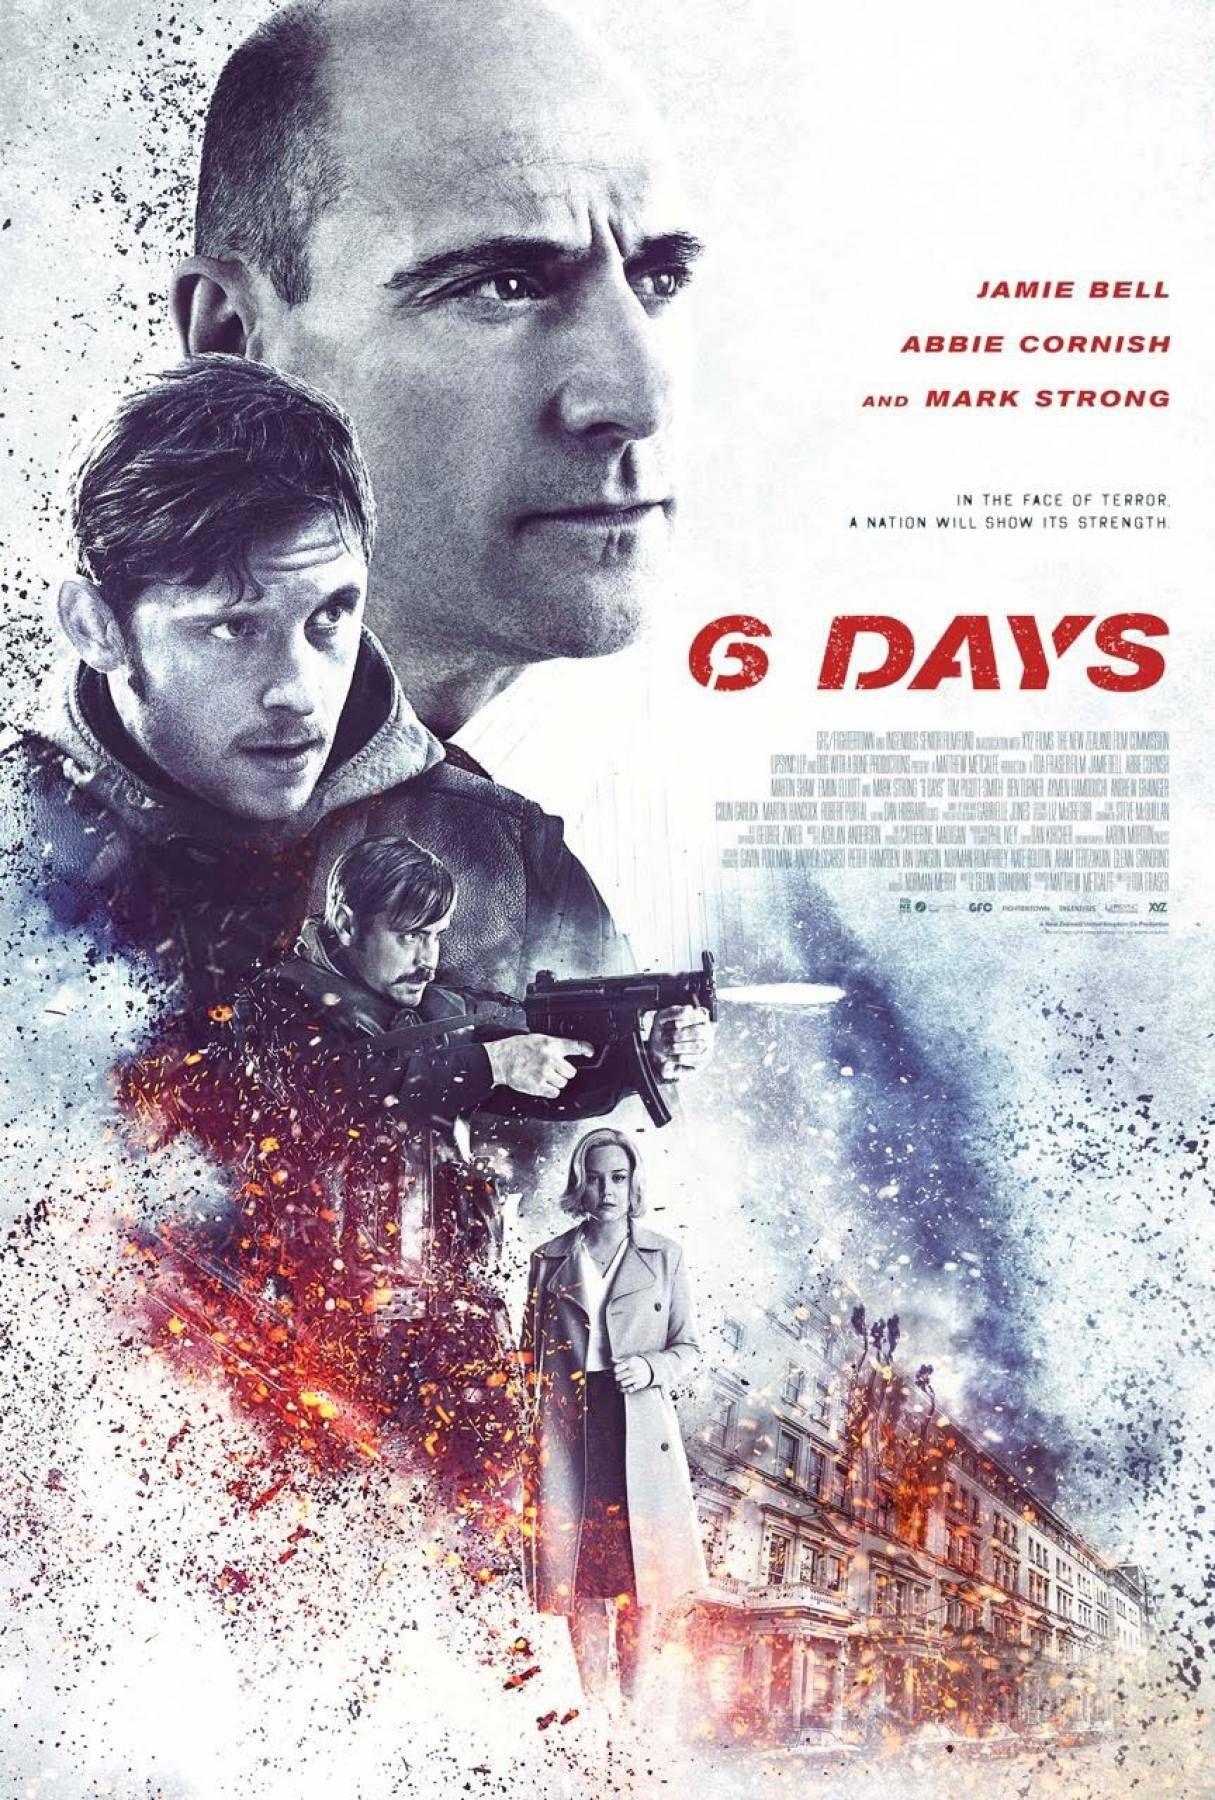 Critica 2 6 Dias Filmes Online Gratis Filmes Completos